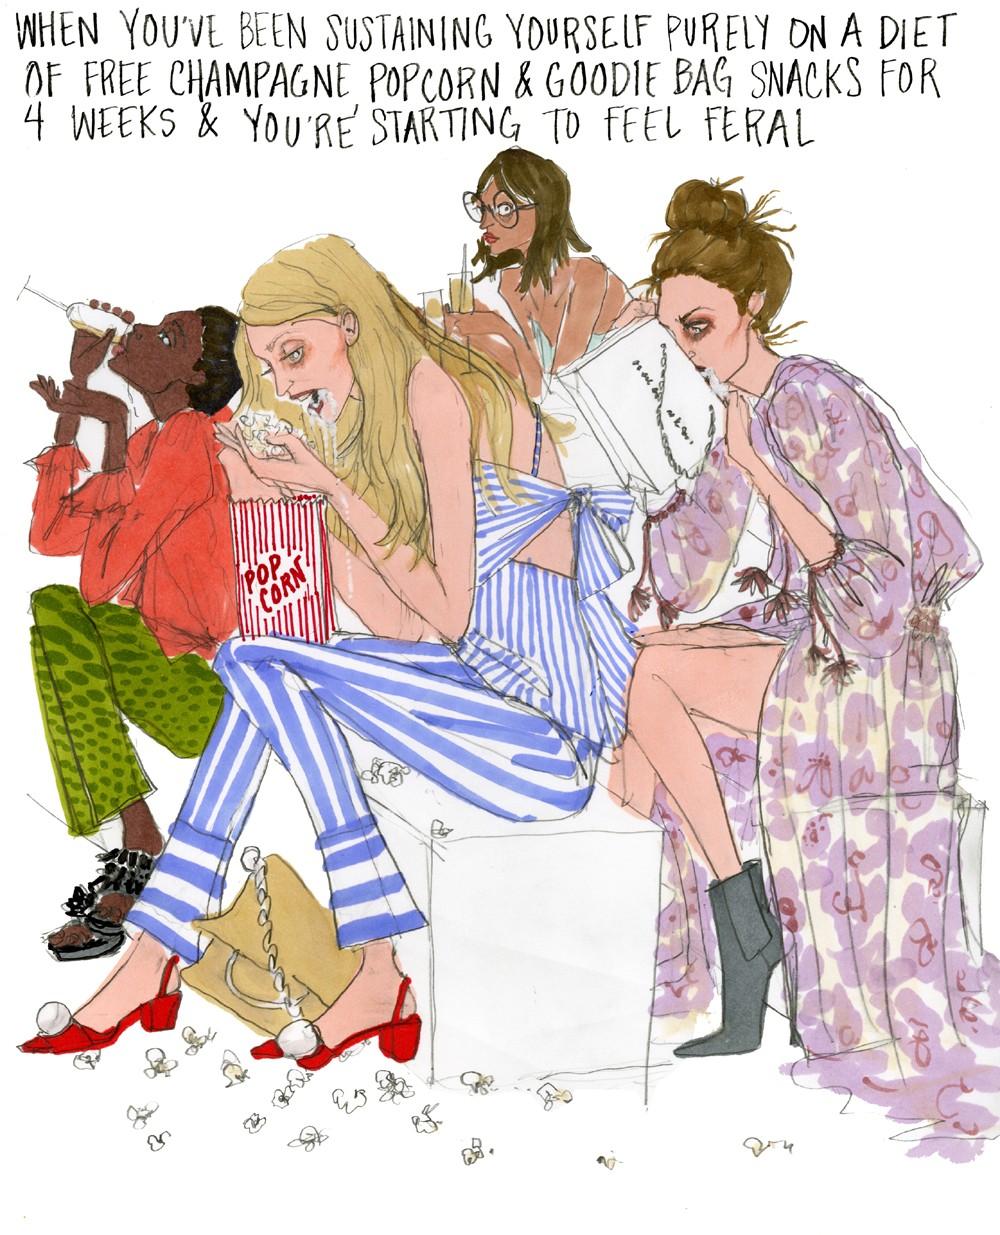 """""""Quando você começa a se sentir selvagem após se sustentar basicamente com uma dieta de champanhe grátis, pipoca e snacks das sacolinhas de jabá por 4 semanas"""" (Foto: Ilustração Julie Houts/Divulgação)"""